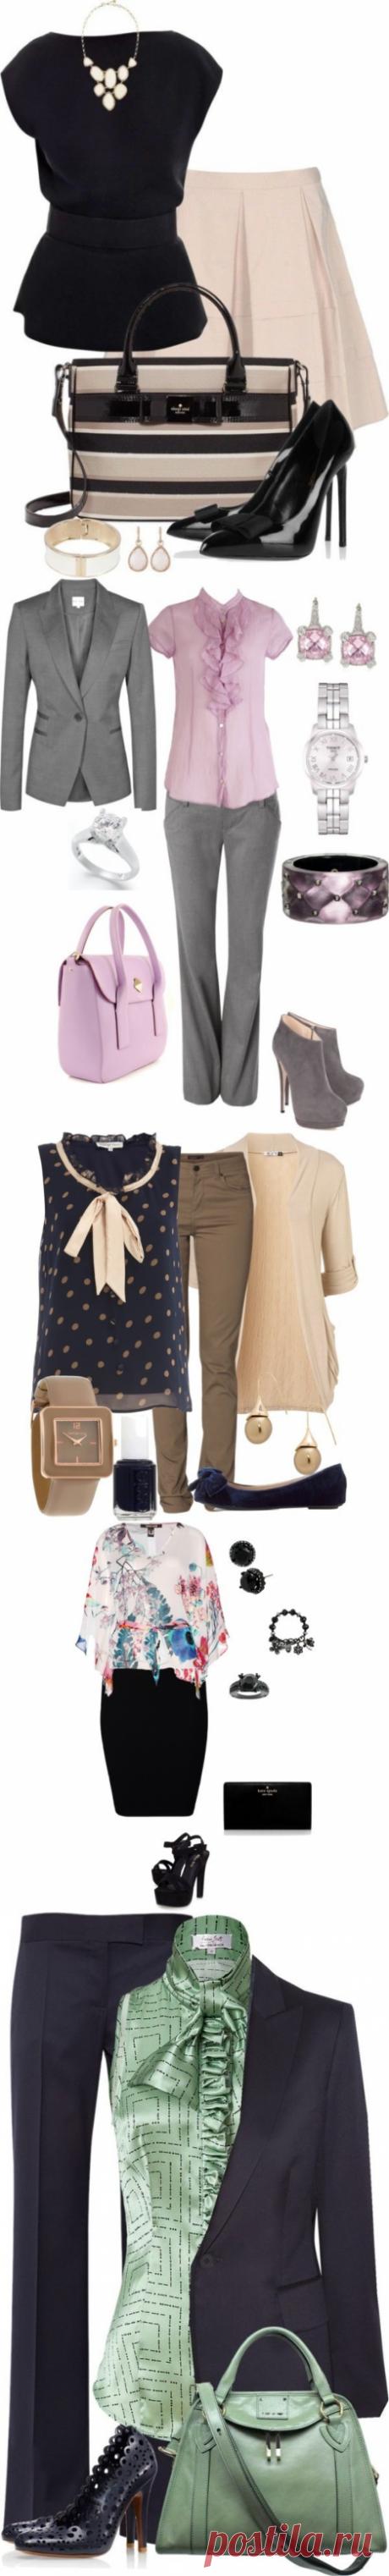 Как одеваться на работу - фото идеи образов что носить на роботу в офис